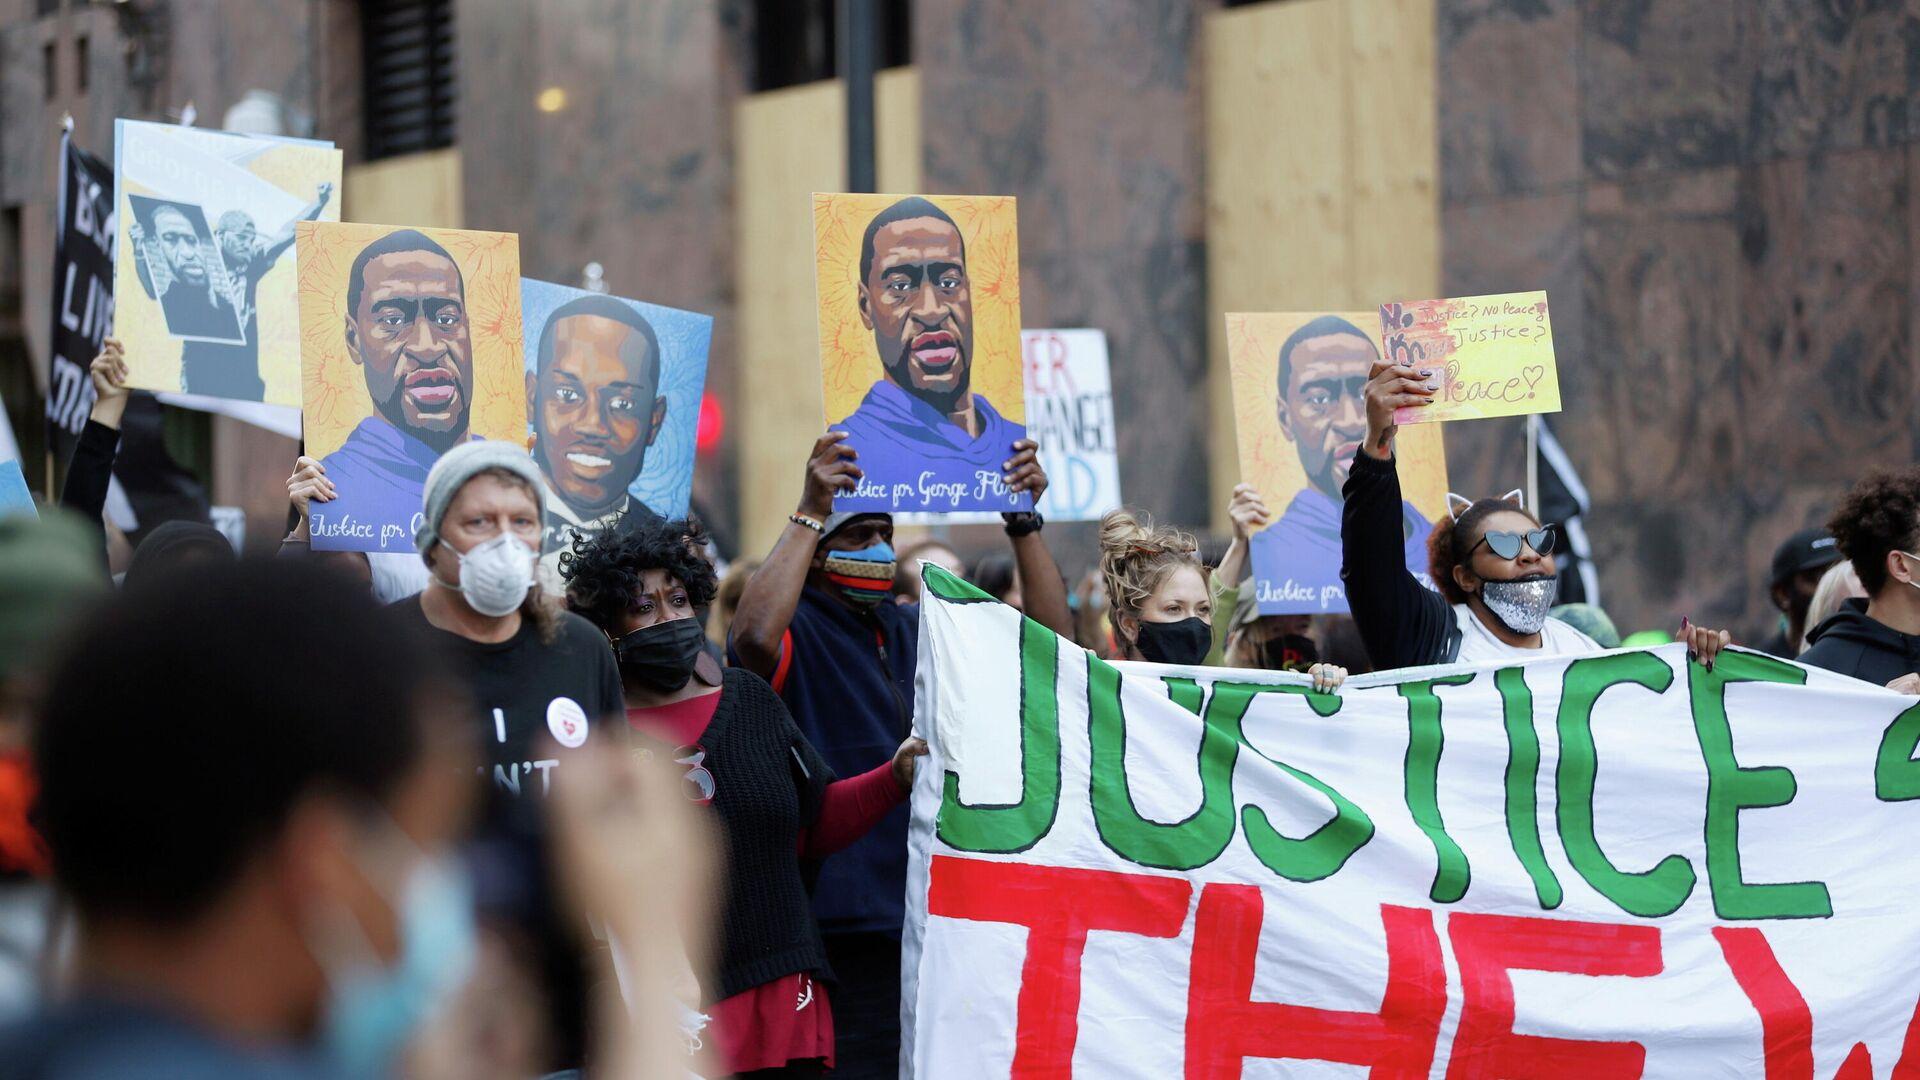 Акция протеста в первый день суда над бывшим полицейским Дереком Човеном по обвинению в убийстве Джорджа Флойда в Миннеаполисе - РИА Новости, 1920, 09.04.2021